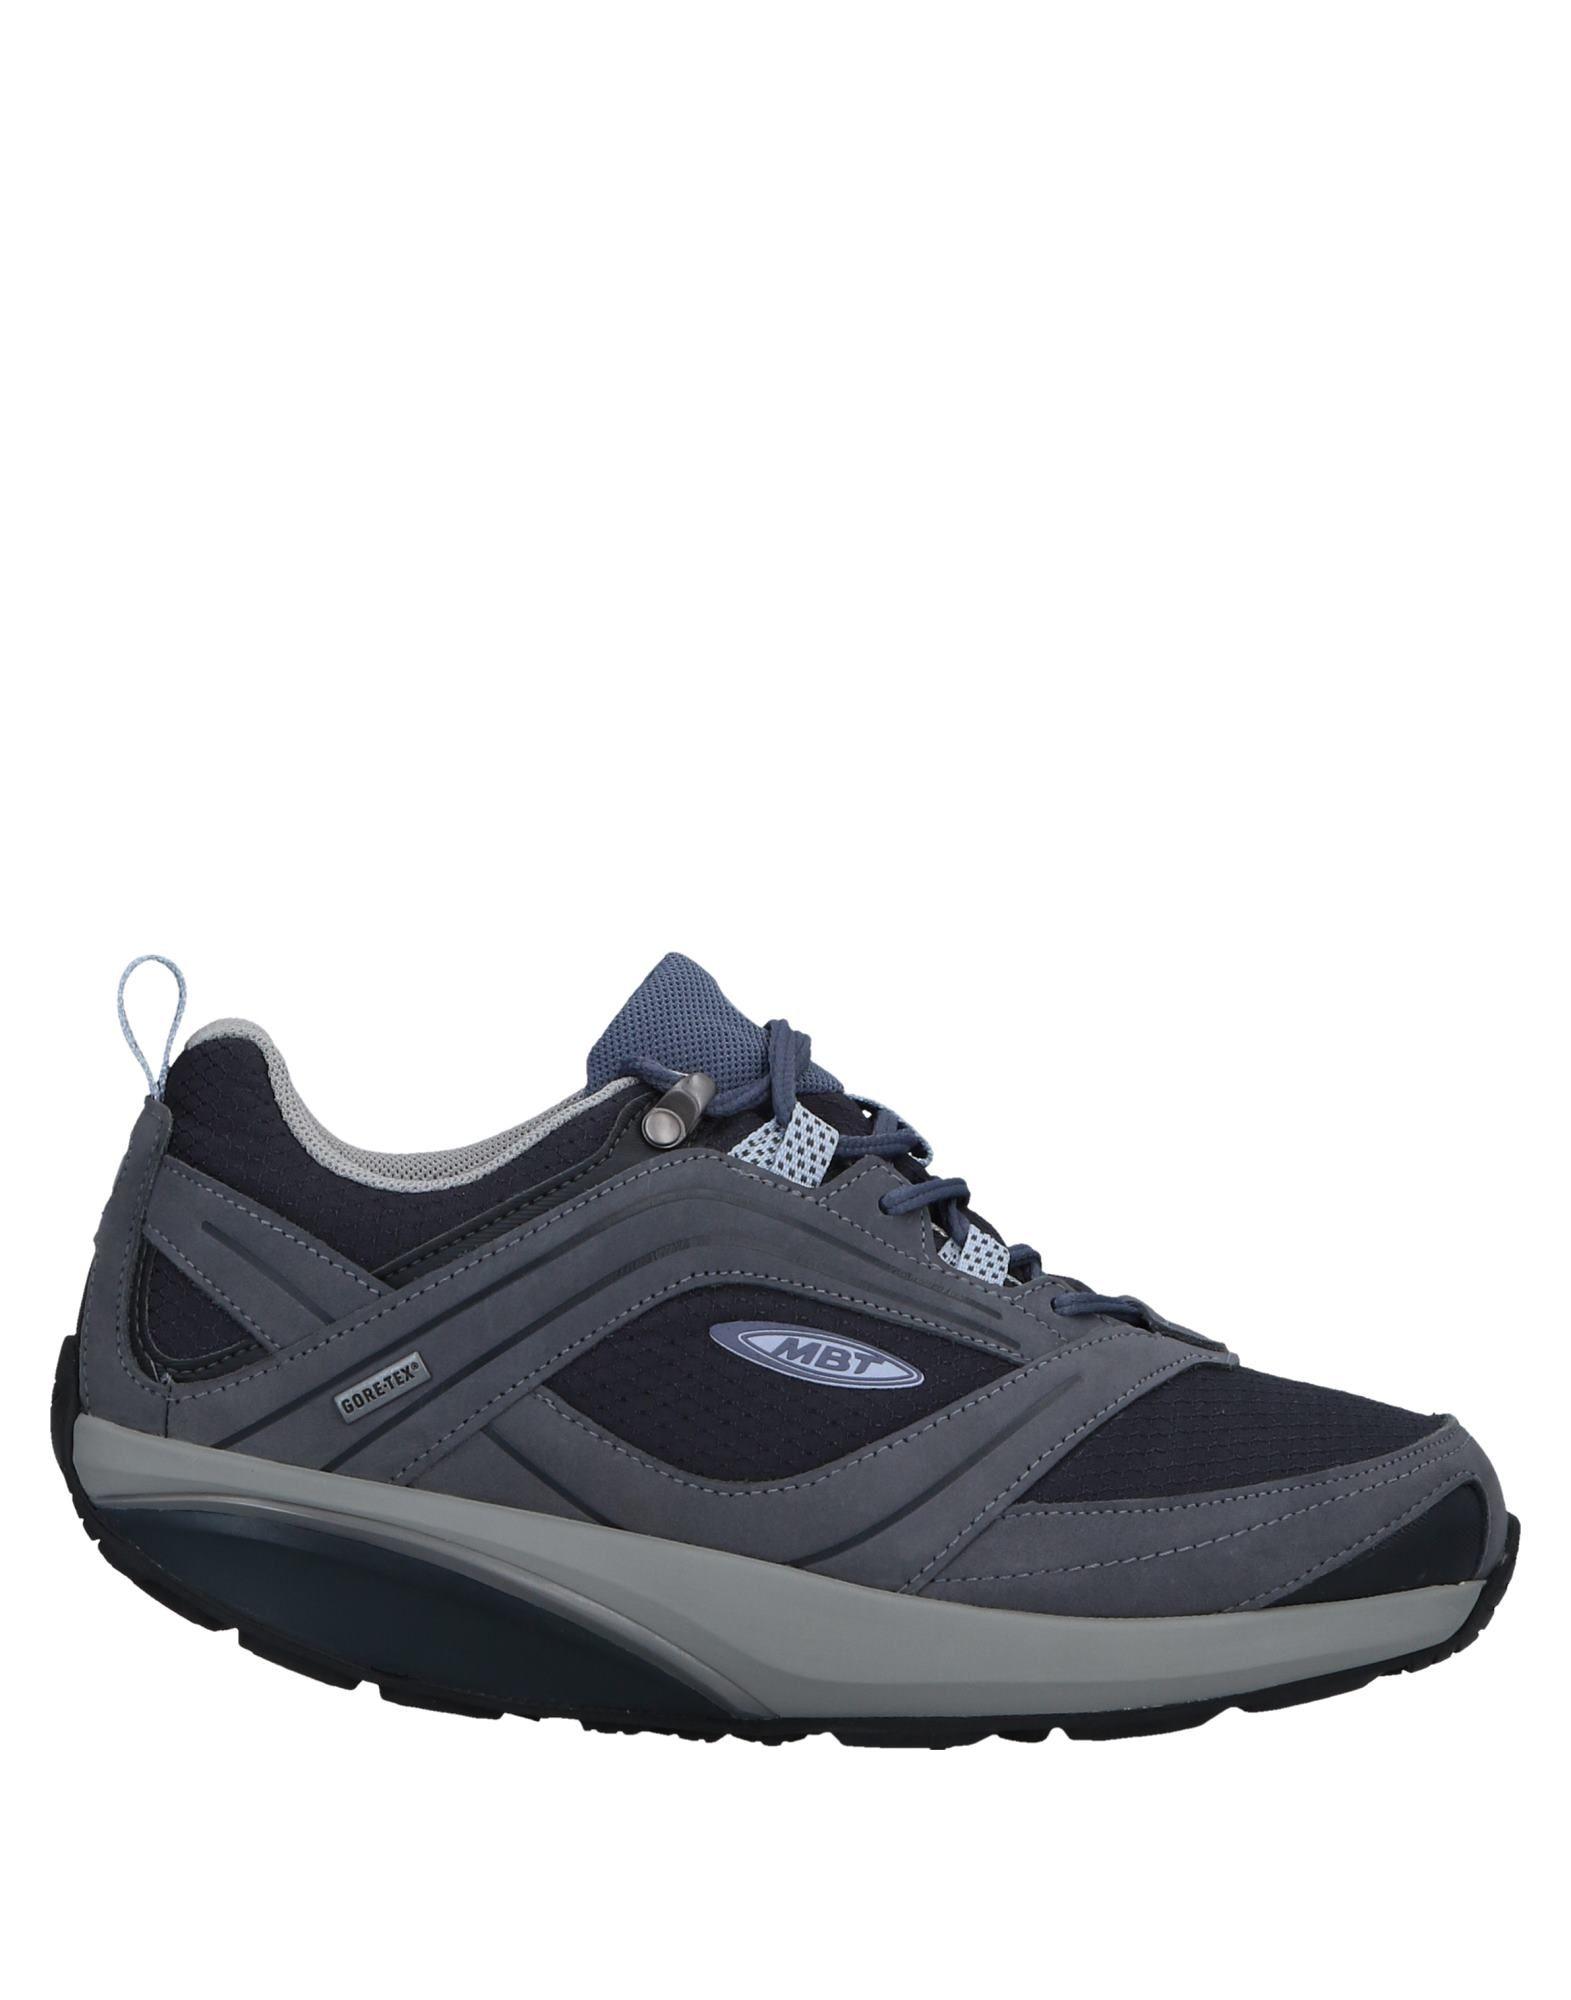 Mbt Sneakers Damen  11522158XMGut aussehende strapazierfähige Schuhe